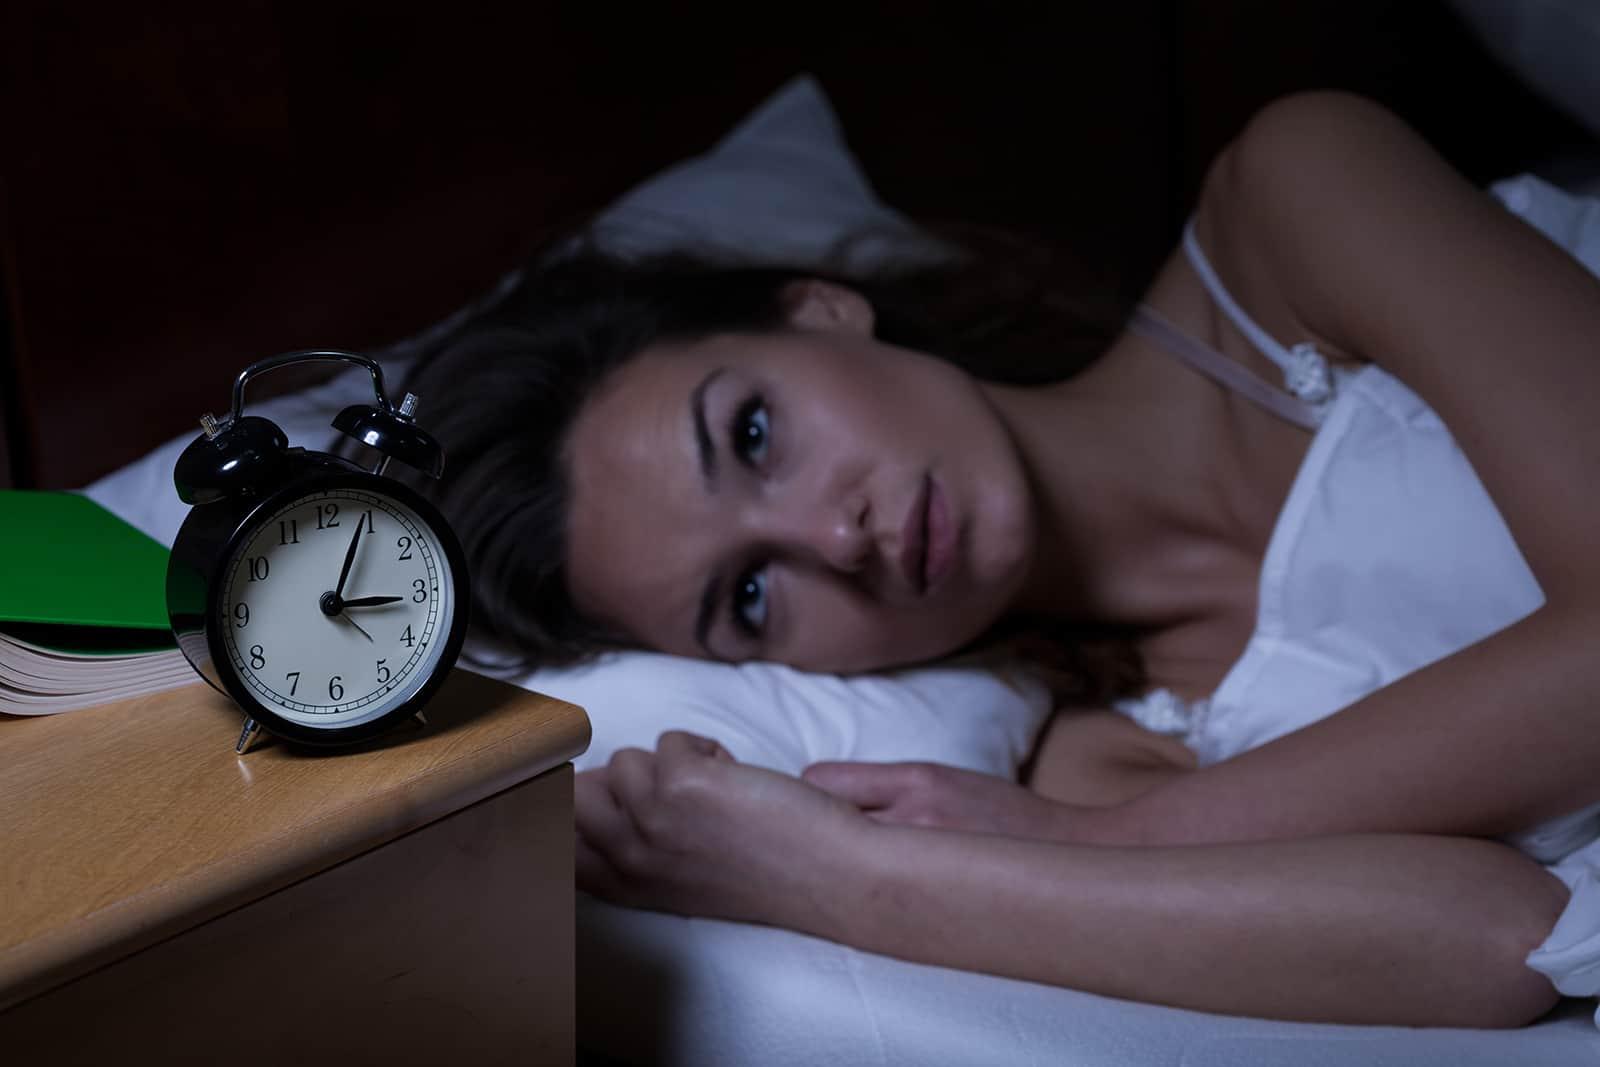 Femme avec insomnie couchée dans son lit avec les yeux ouverts